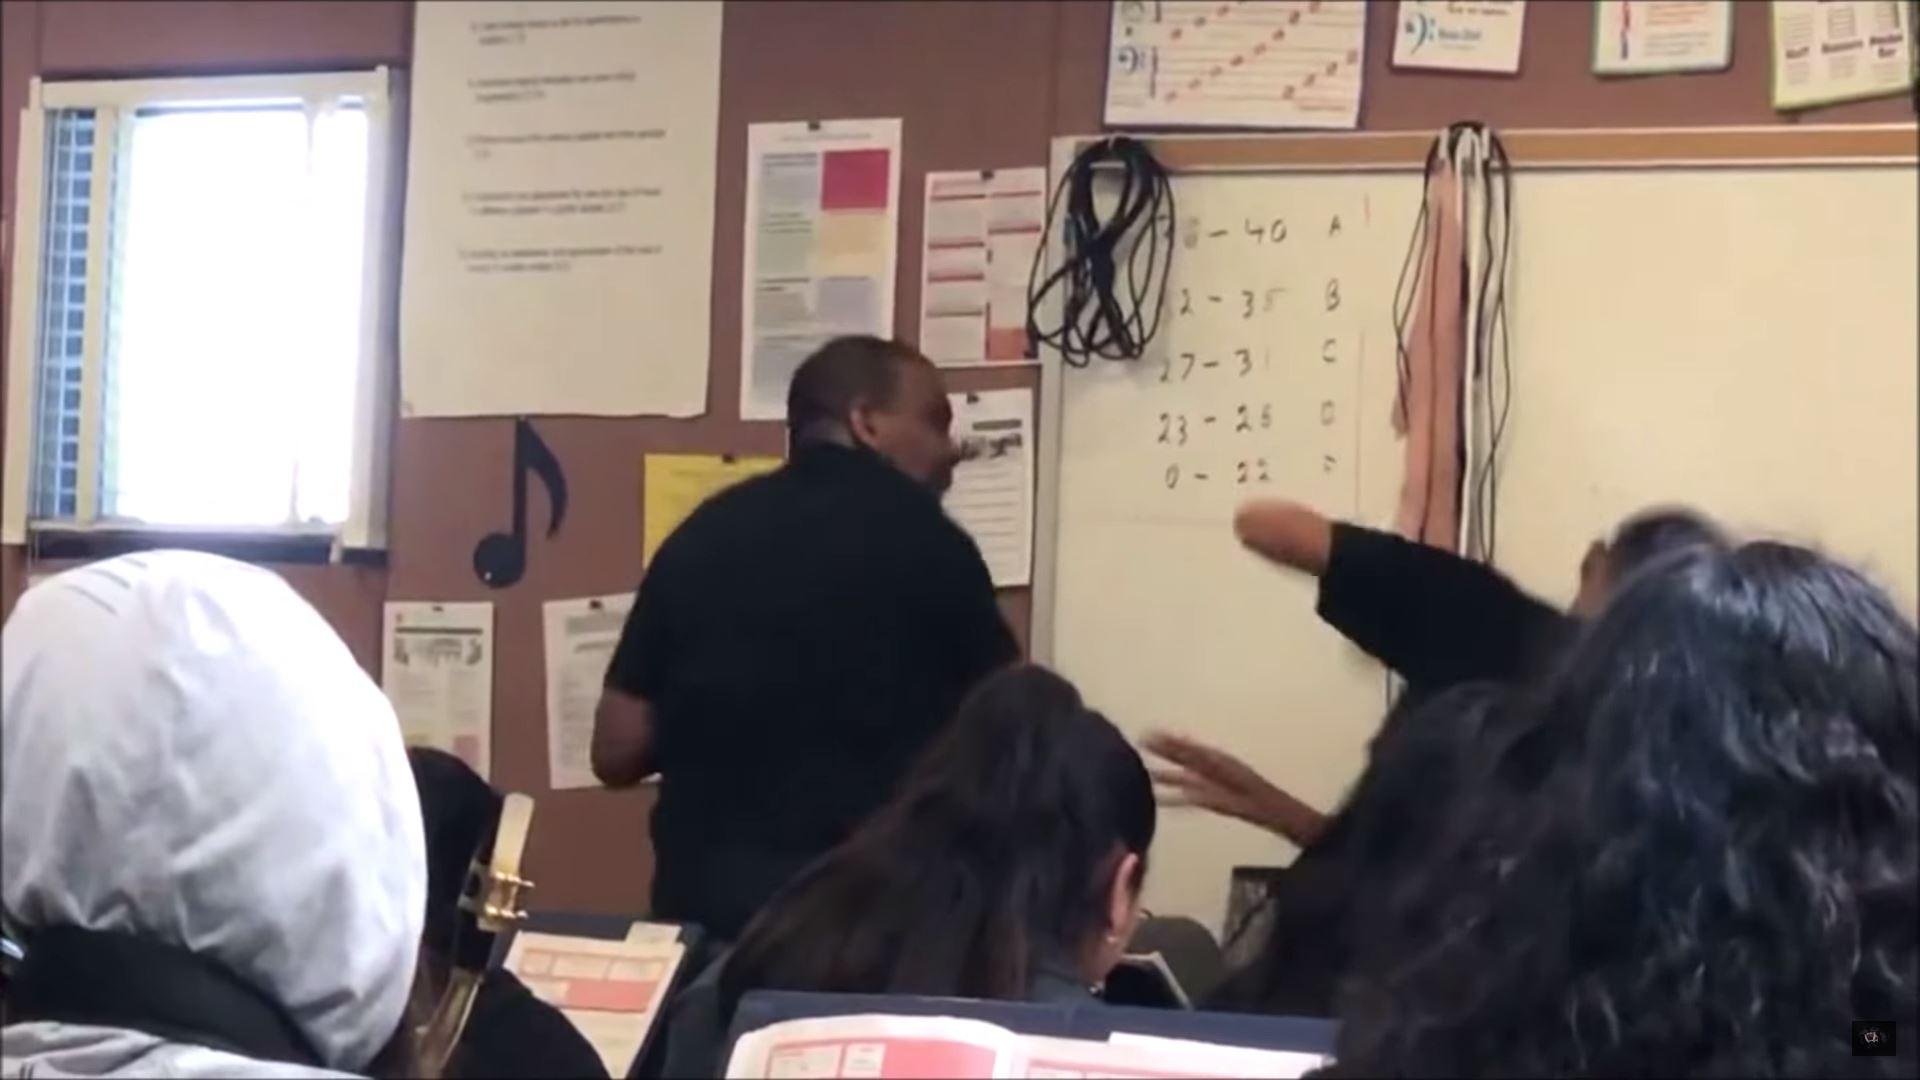 Maestro reacciona con golpes hacia su alumno, por comentarios racistas